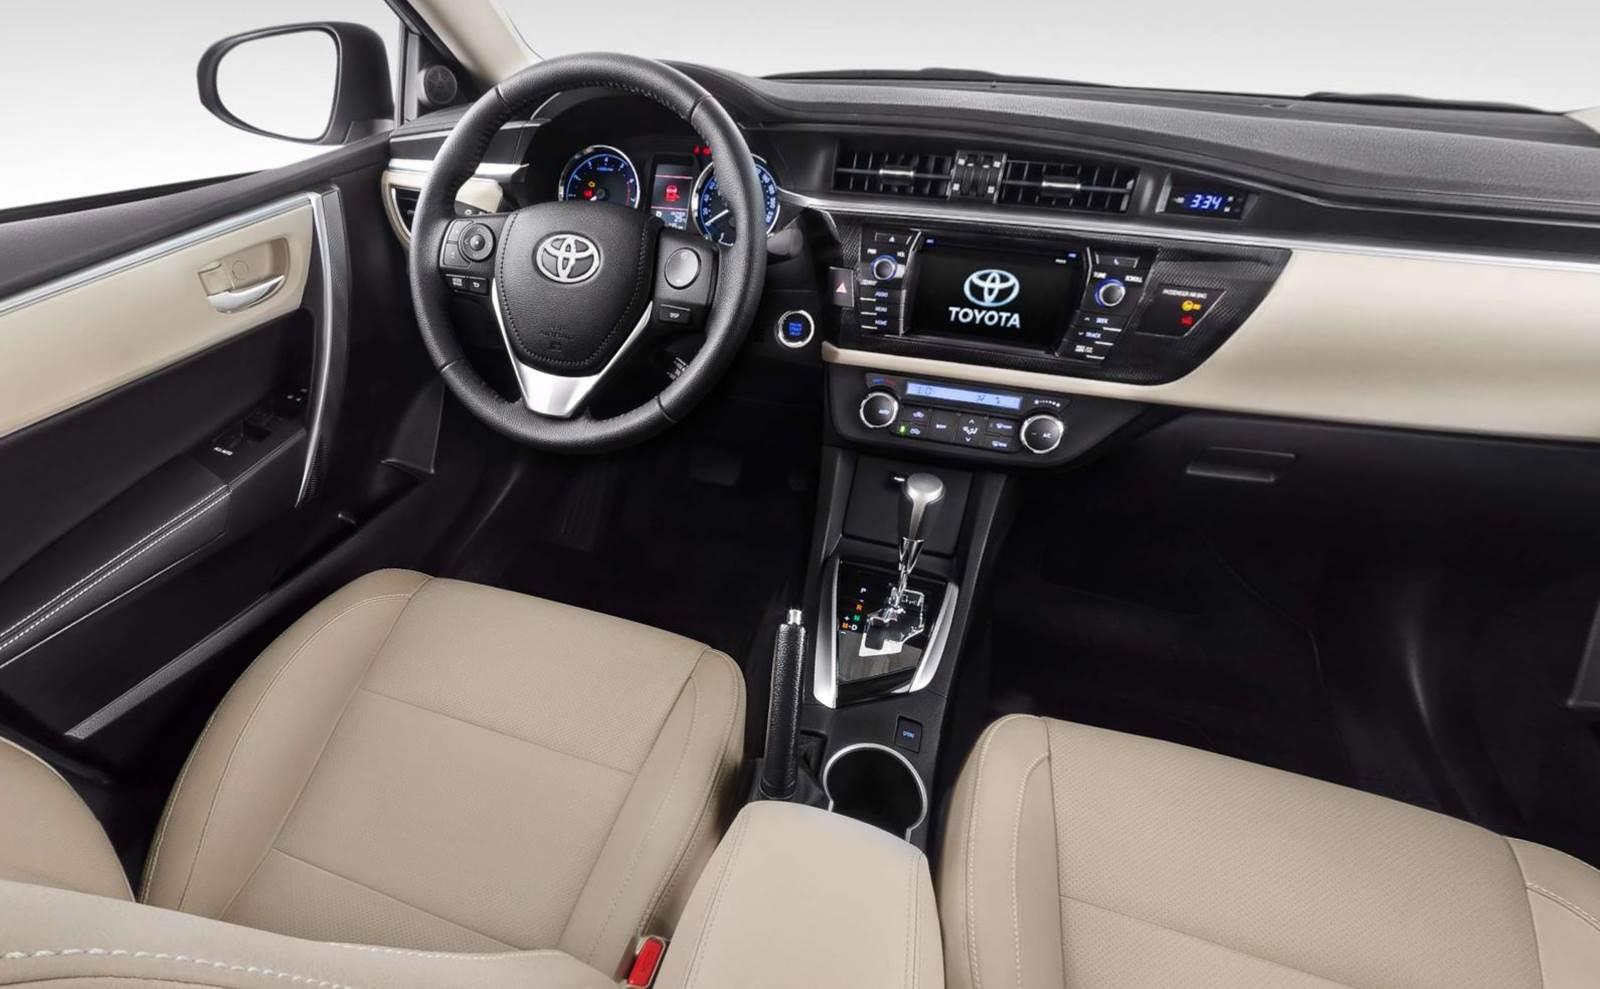 Novo Honda Civic 2017 x Toyota Corolla